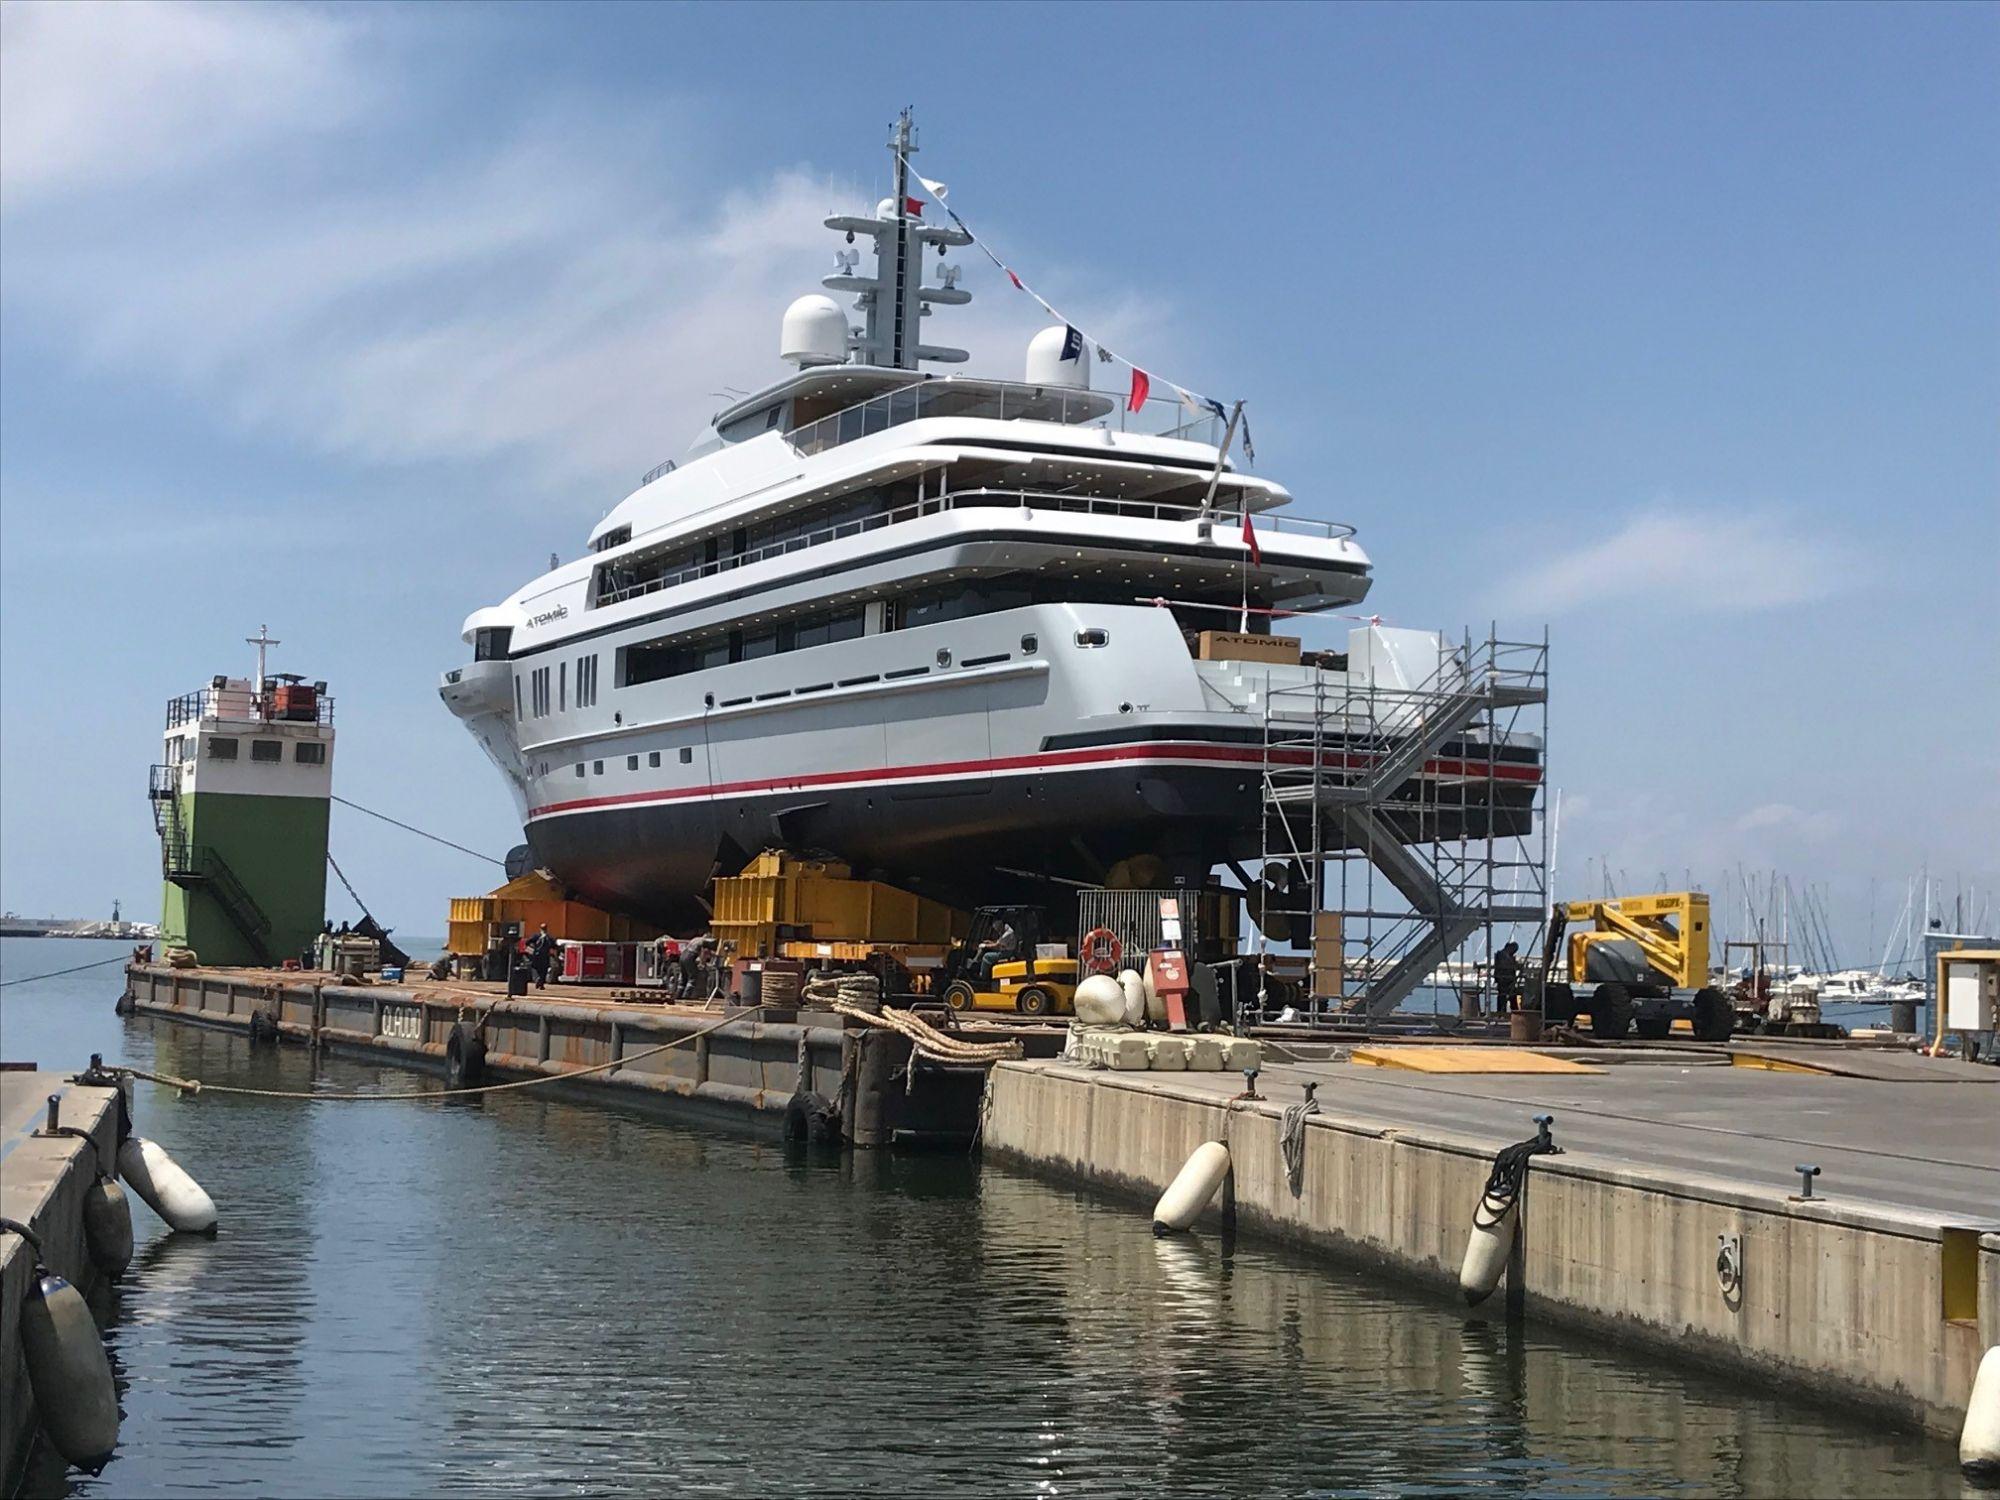 Il pontone Claudio I (72 metri di lunghezza x 25 metri di larghezza) partito dal porto di Viareggio con a bordo un carico eccezionale